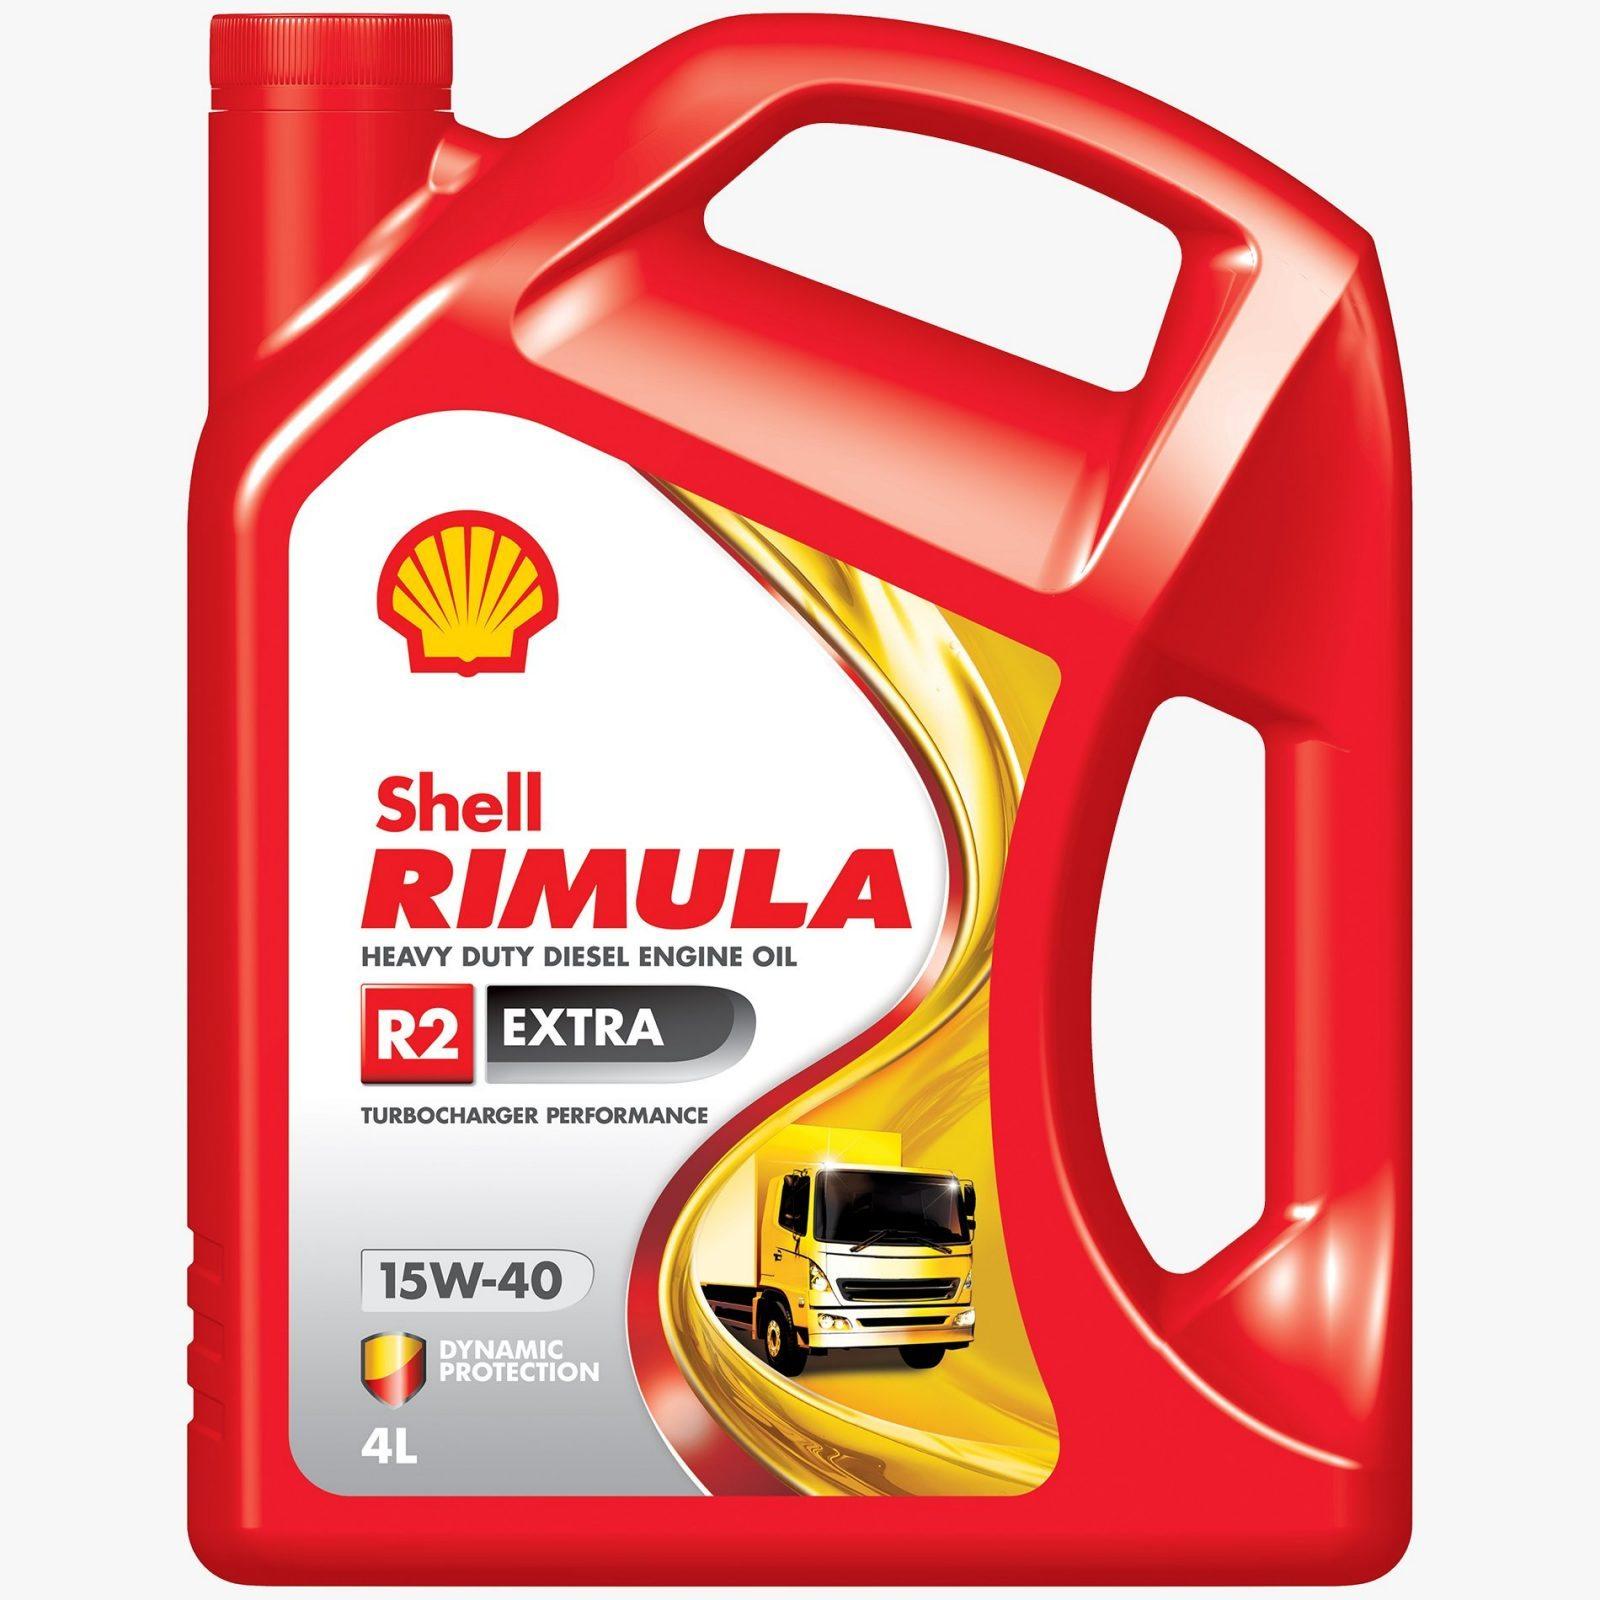 Shell Rimula R2 Extra